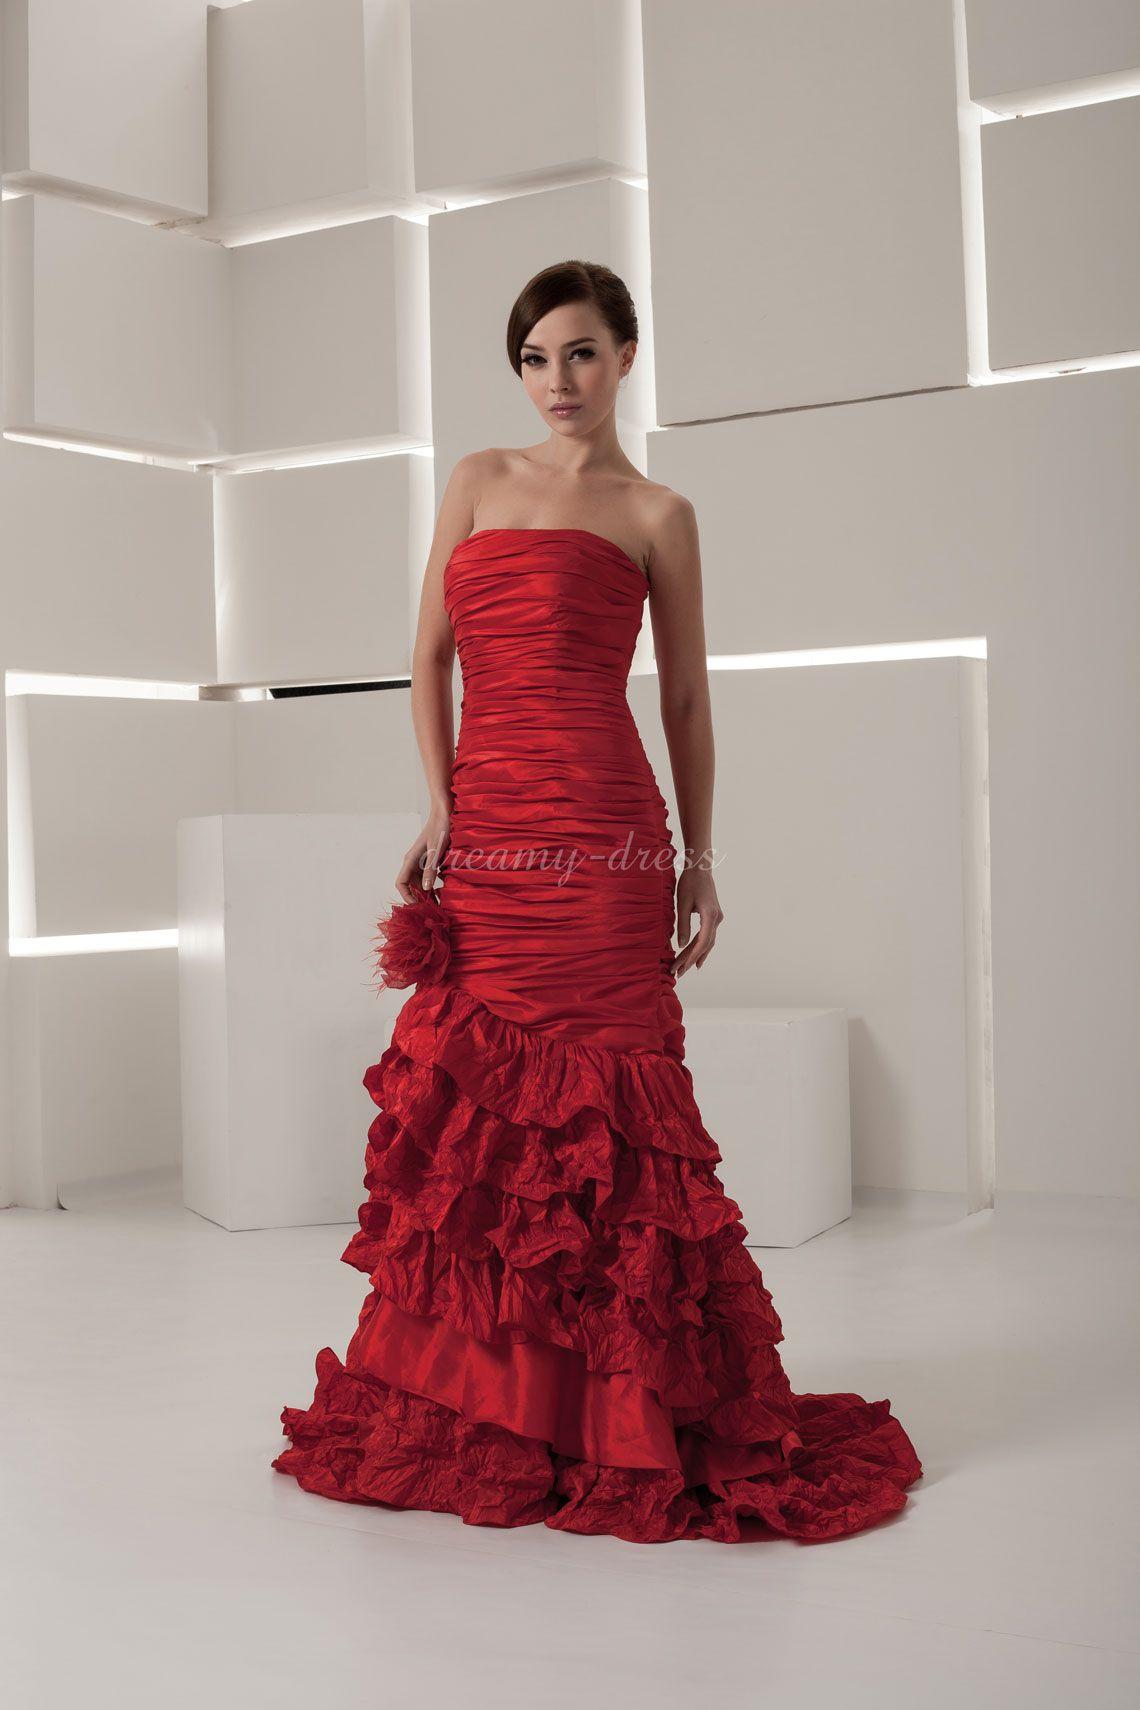 Wedding dresswedding dresseswedding dresswedding dresses mermaid